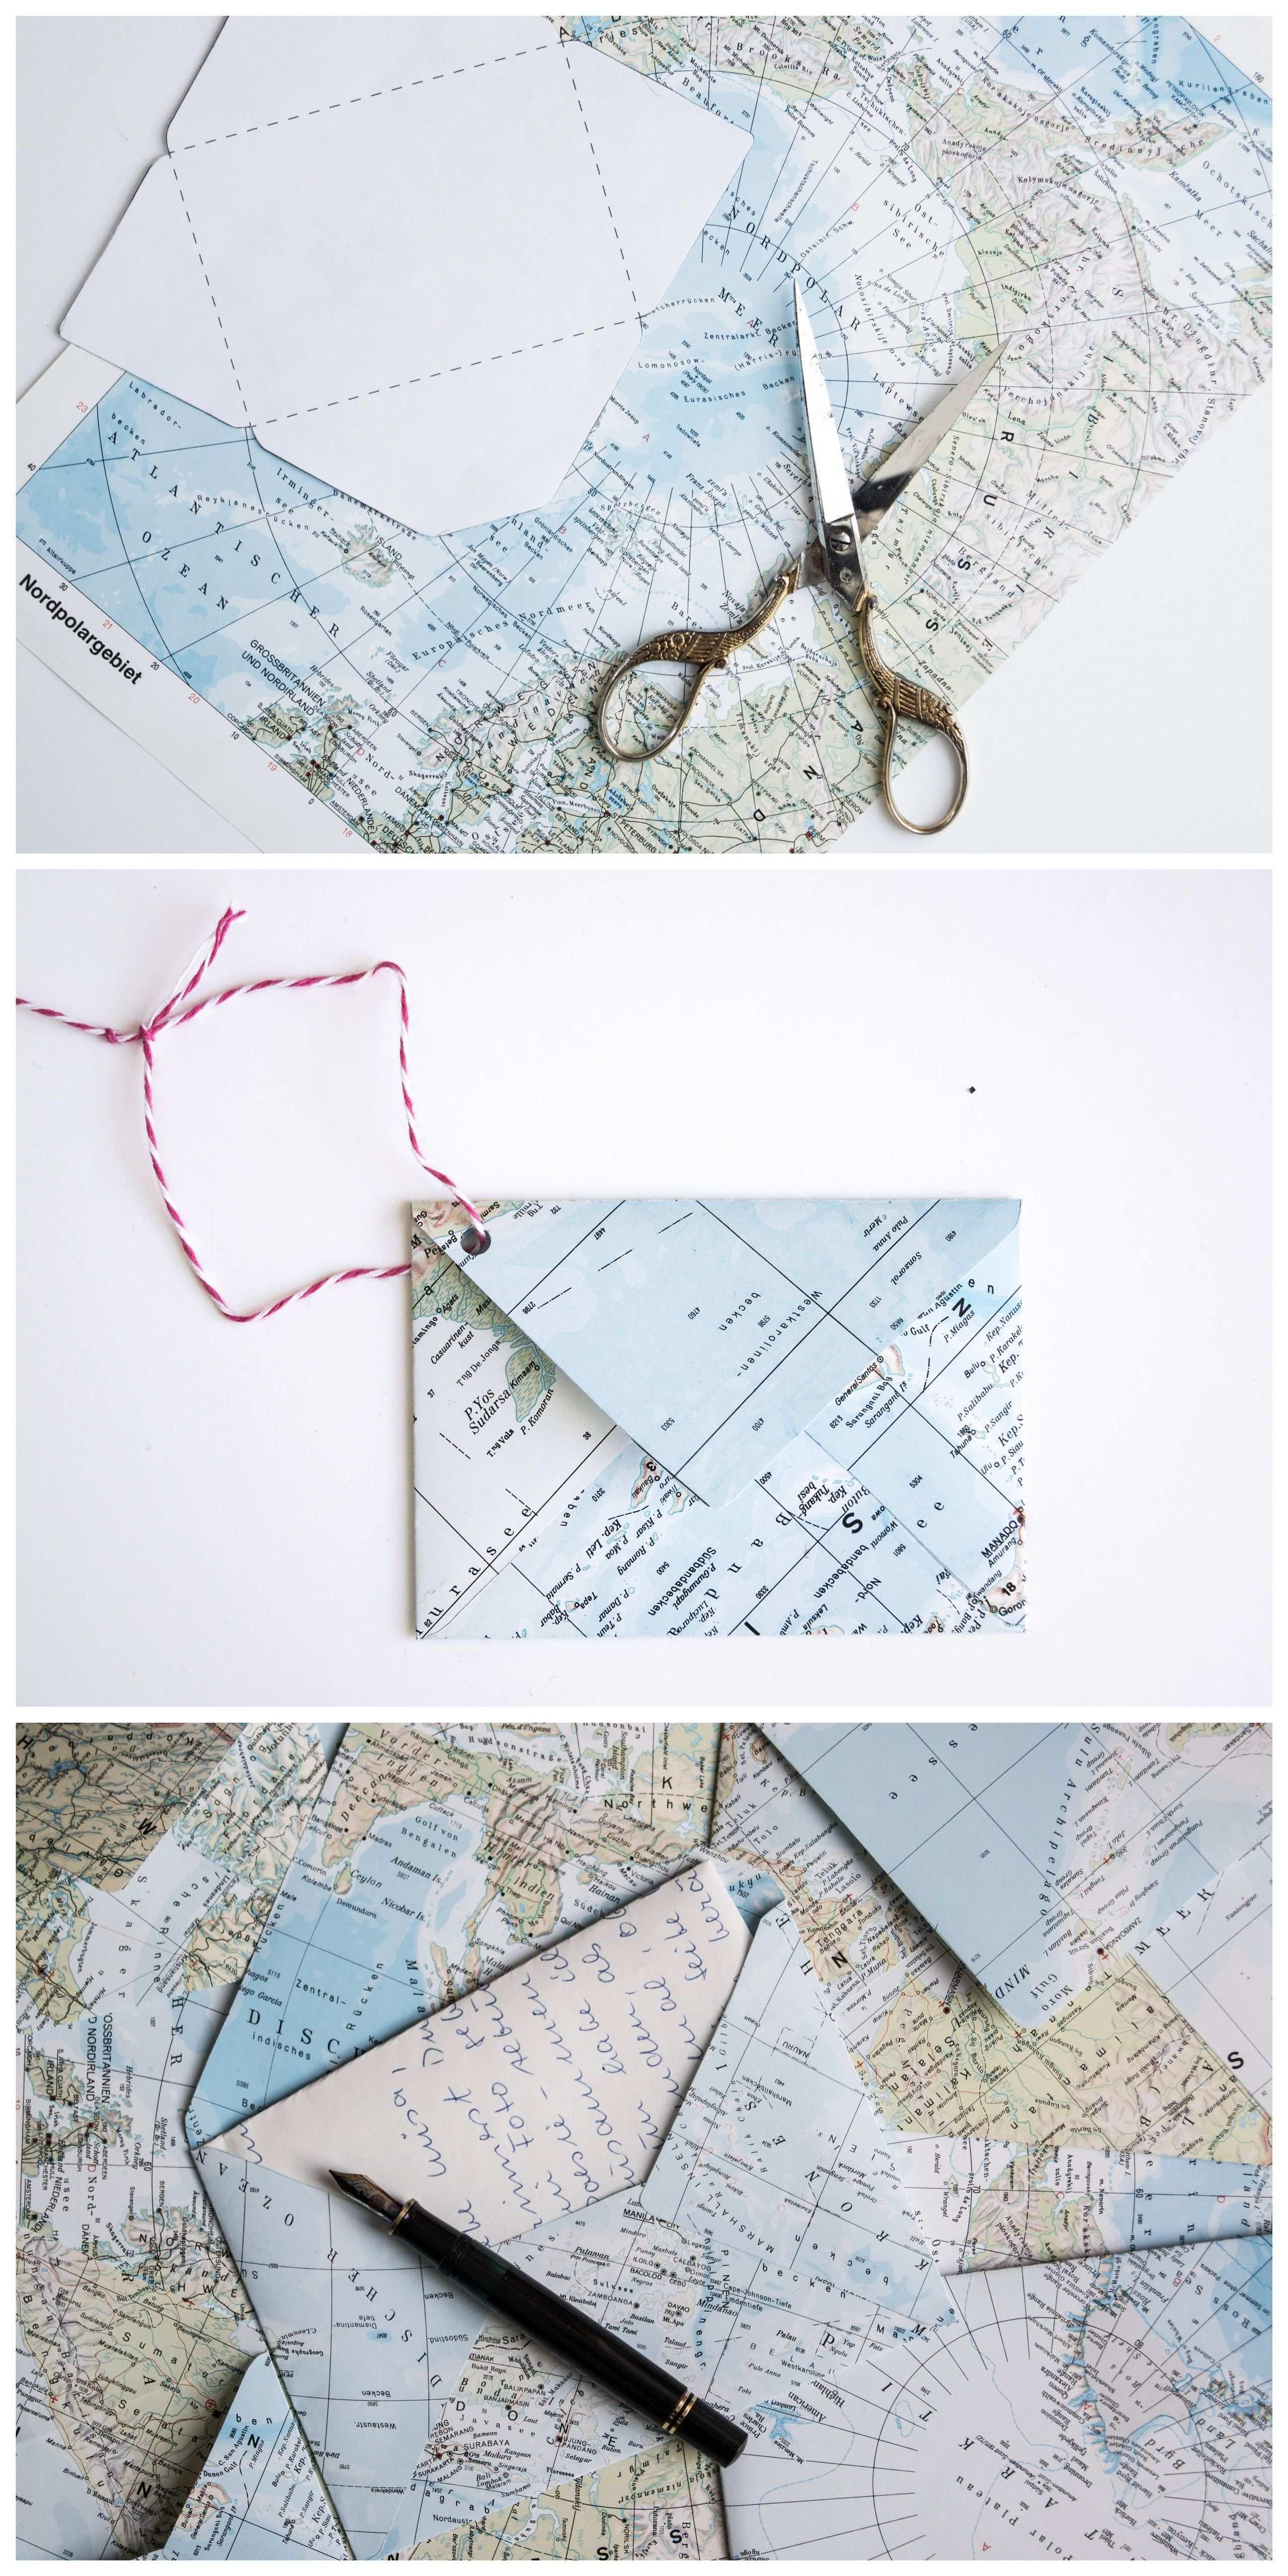 Wie Du Aus Einer Atlas Seite Einen Briefumschlag Falten Kannst Briefumschlag Falten Briefumschlag Basteln Diy Umschlag